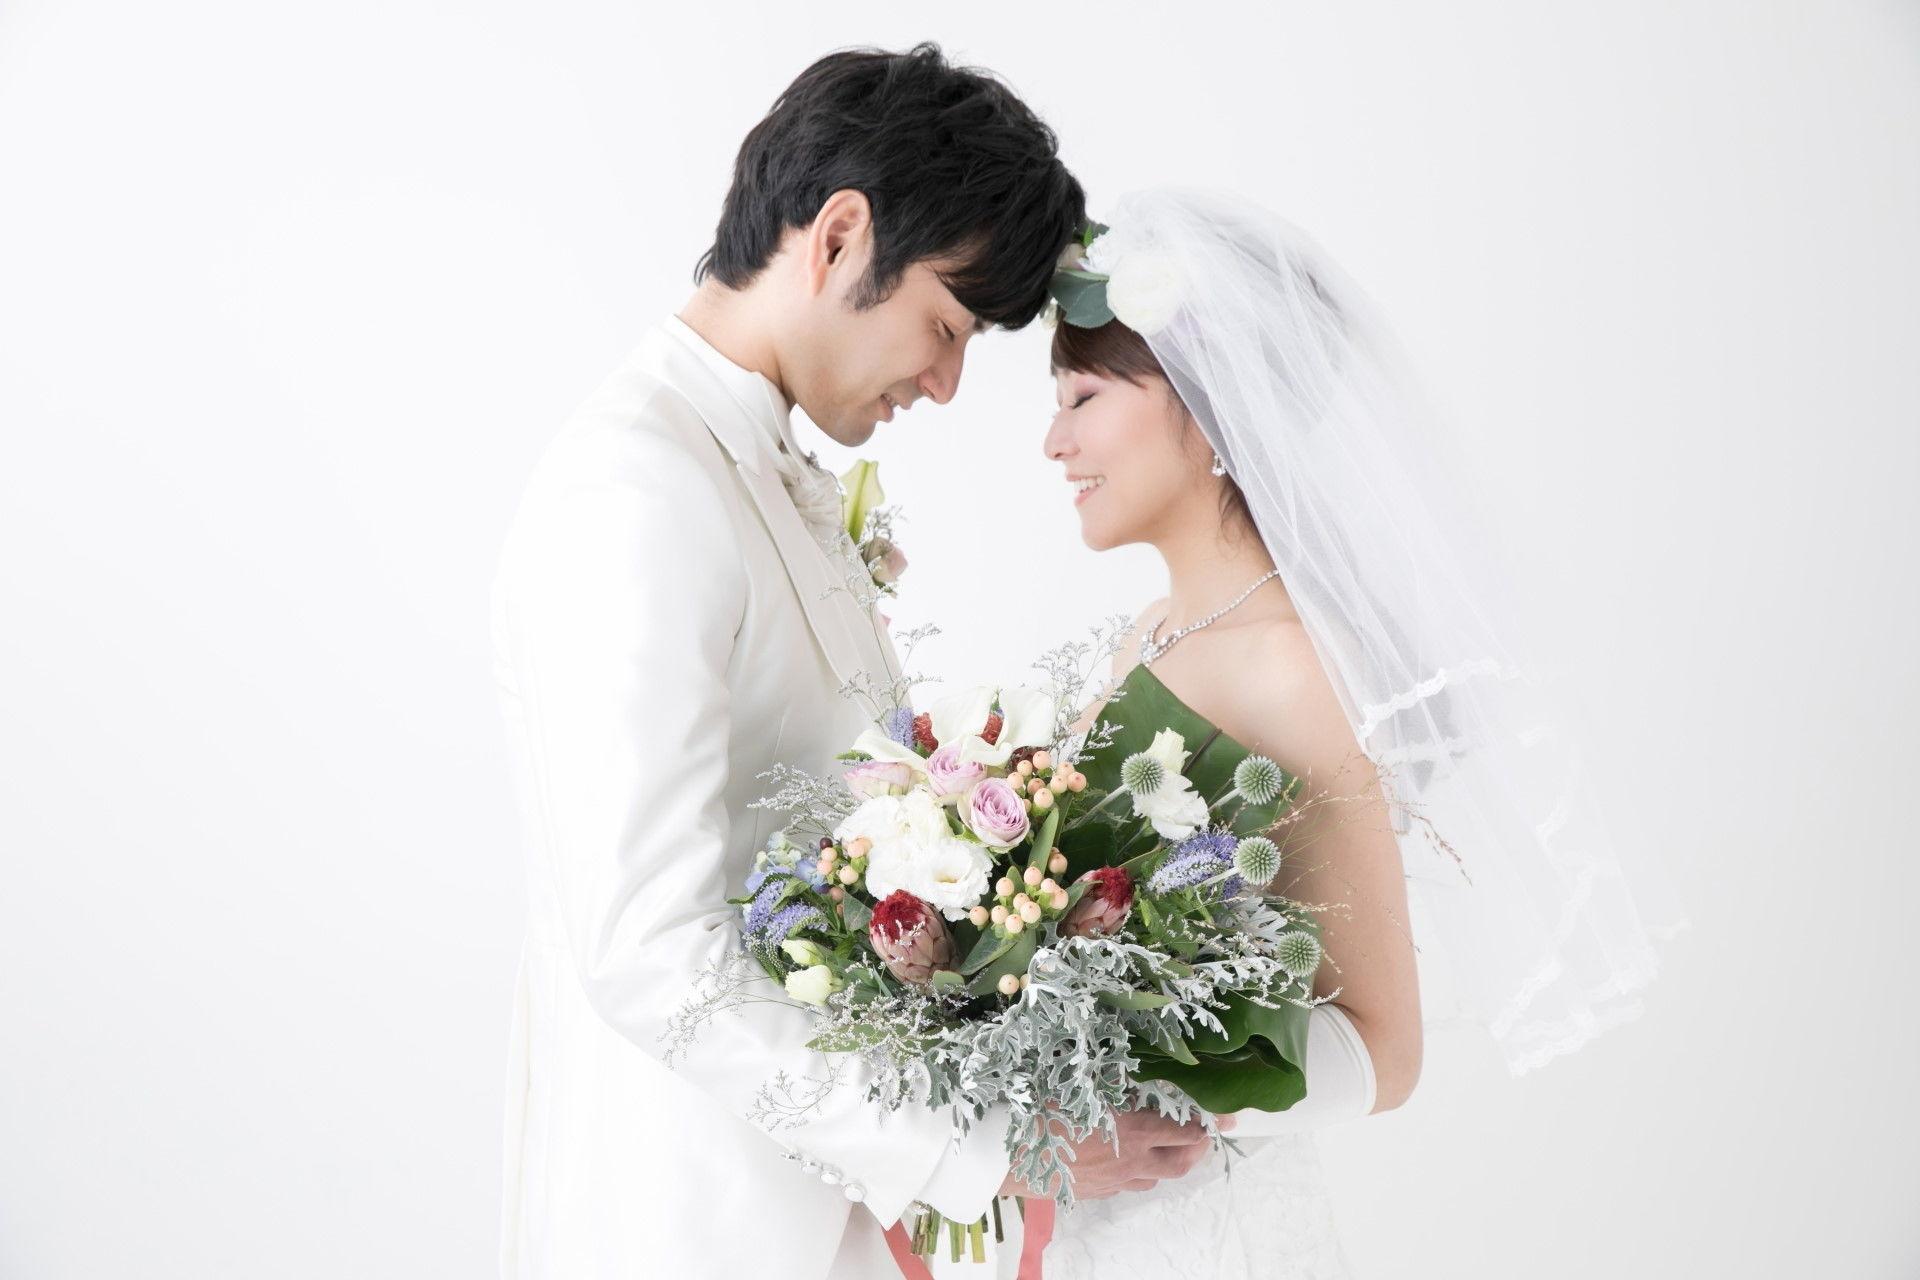 結婚相談所ツヴァイの子会社化で「お見合い成立件数」が過去最高を更新